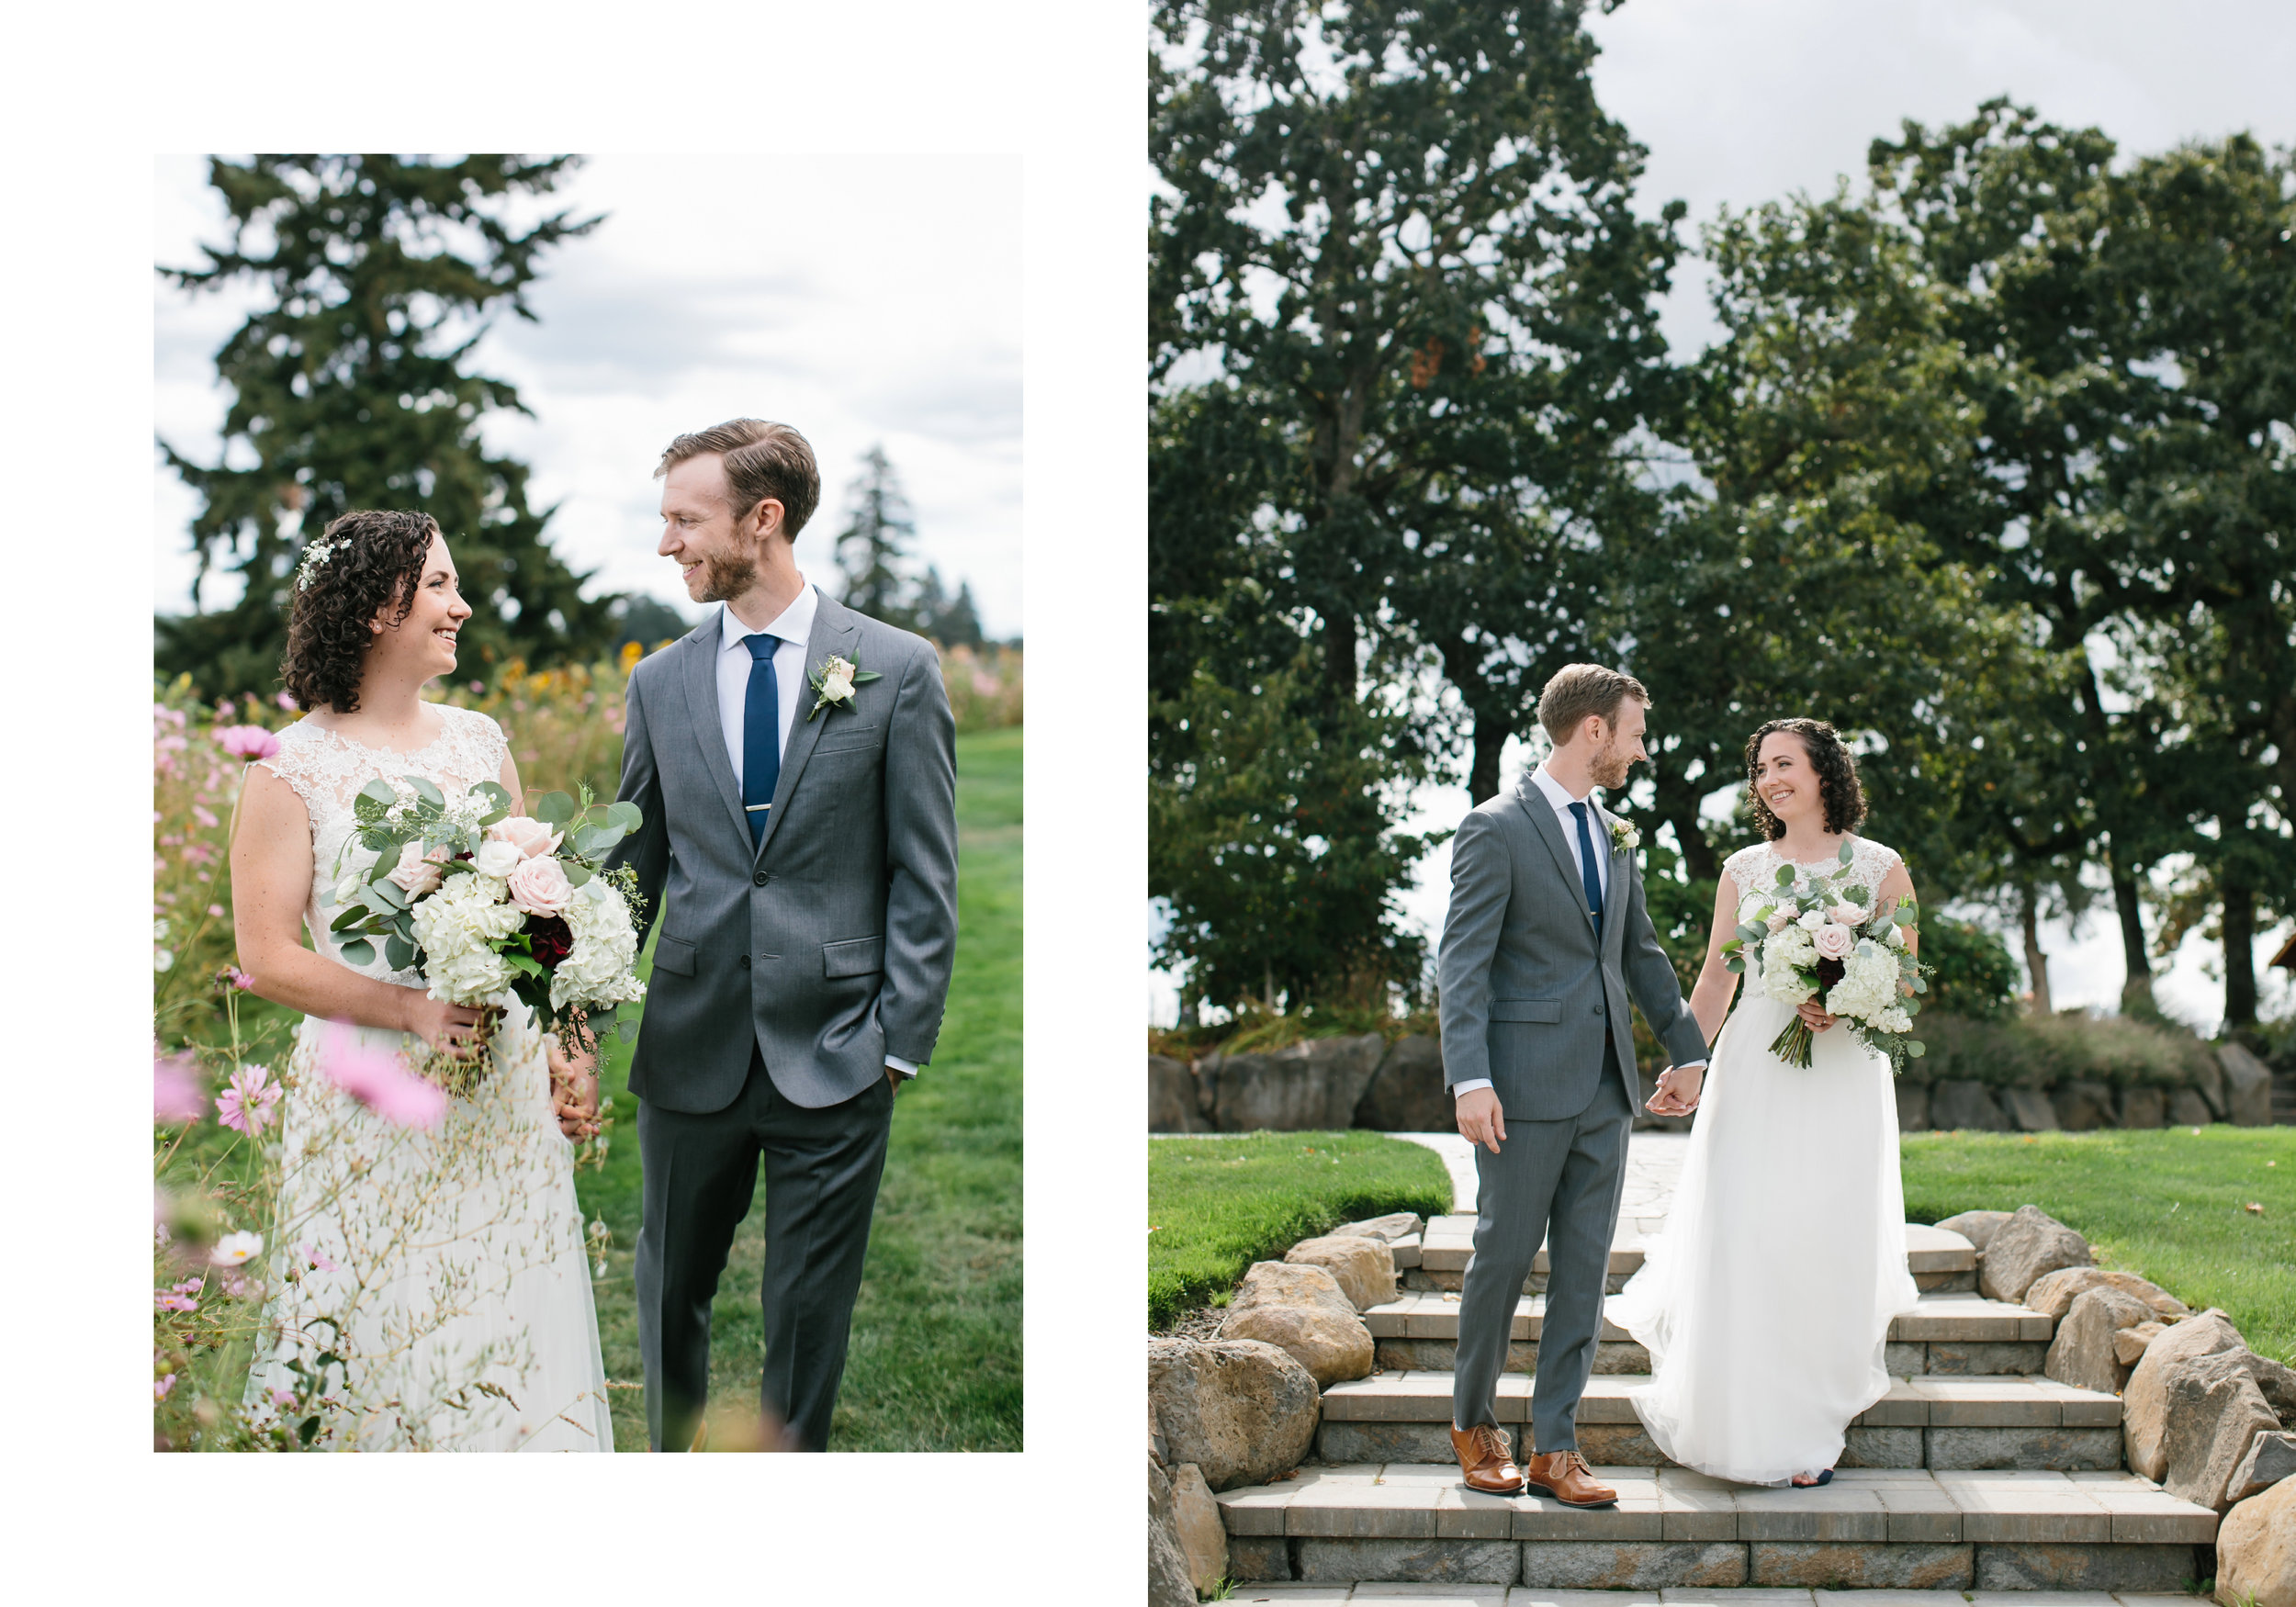 scholls-valley-lodge-wedding-photographer-ashley-courter0009.JPG